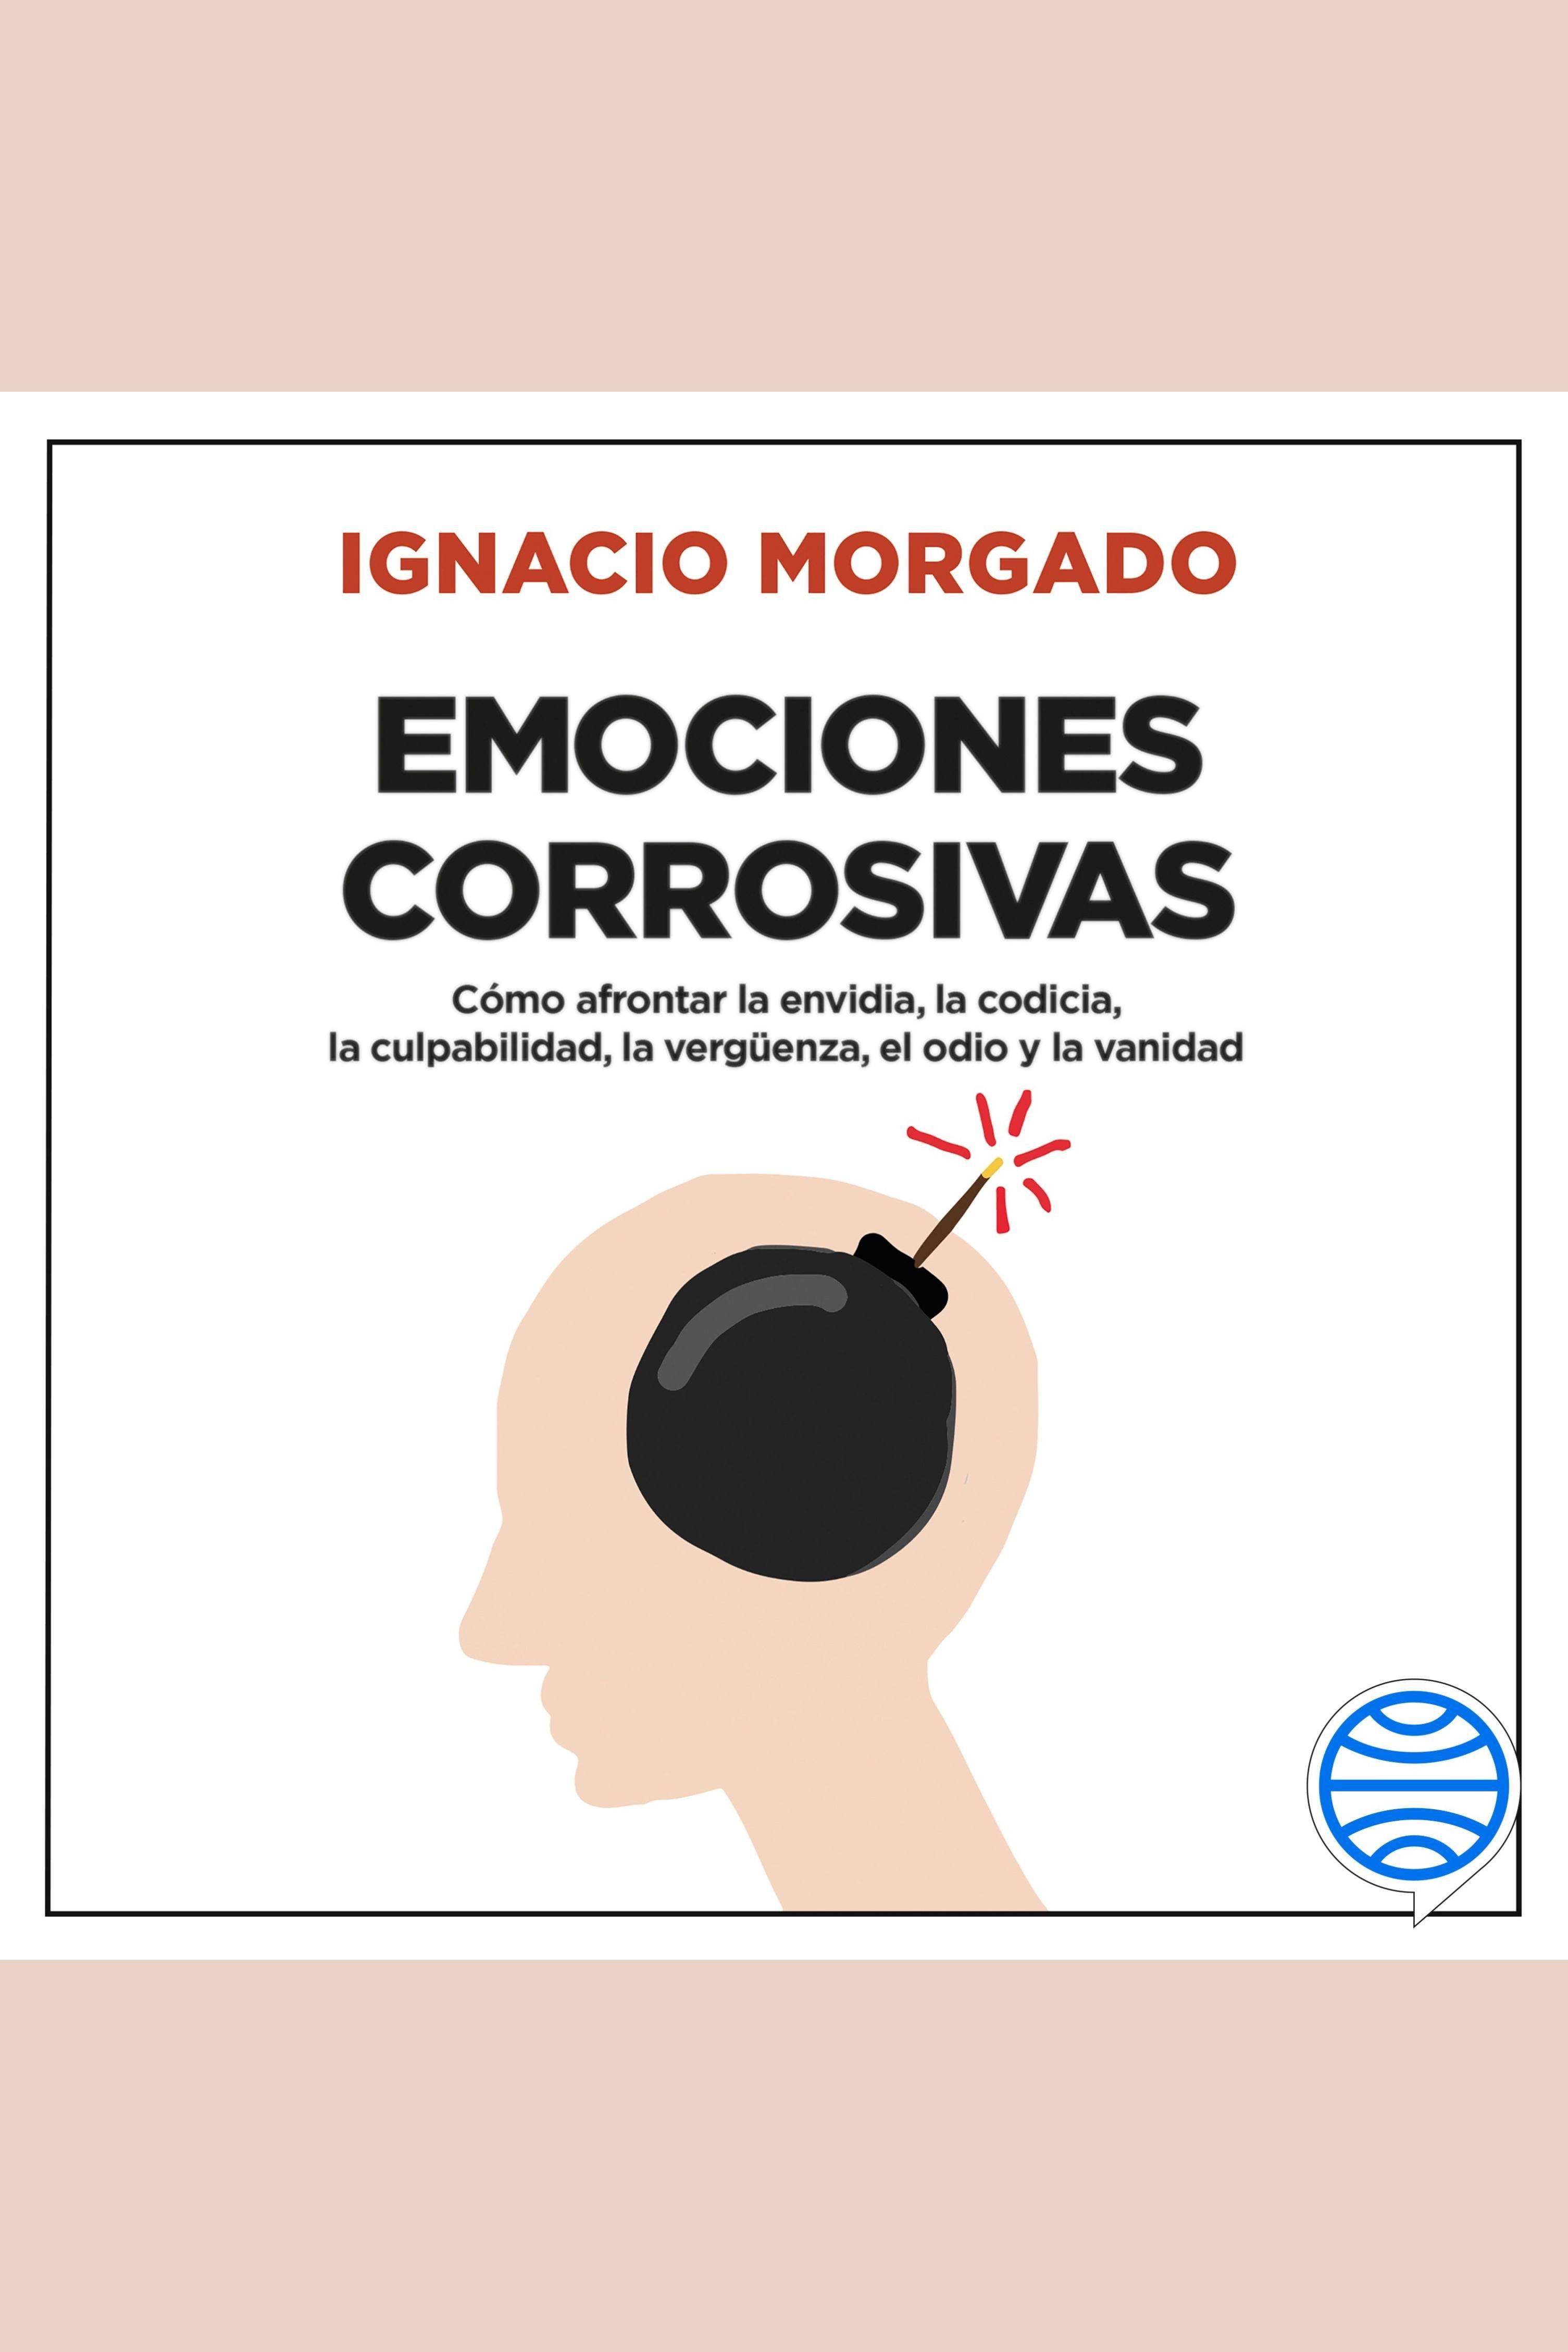 Esta es la portada del audiolibro Emociones corrosivas